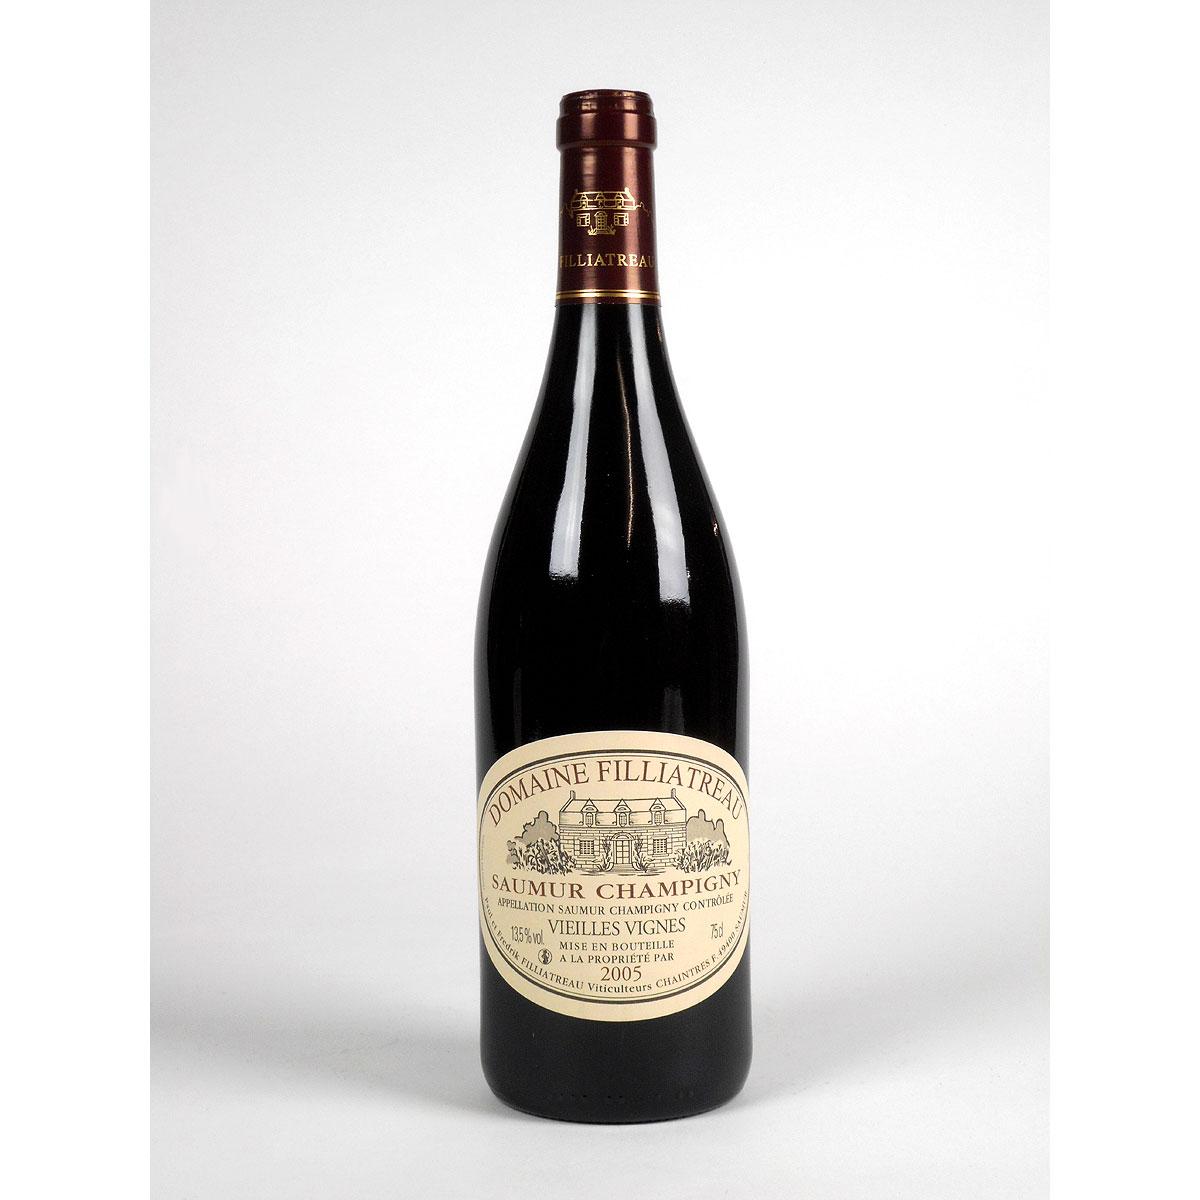 Saumur Champigny: Domaine Filliatreau 'Vieilles Vignes' 2005 - Bottle